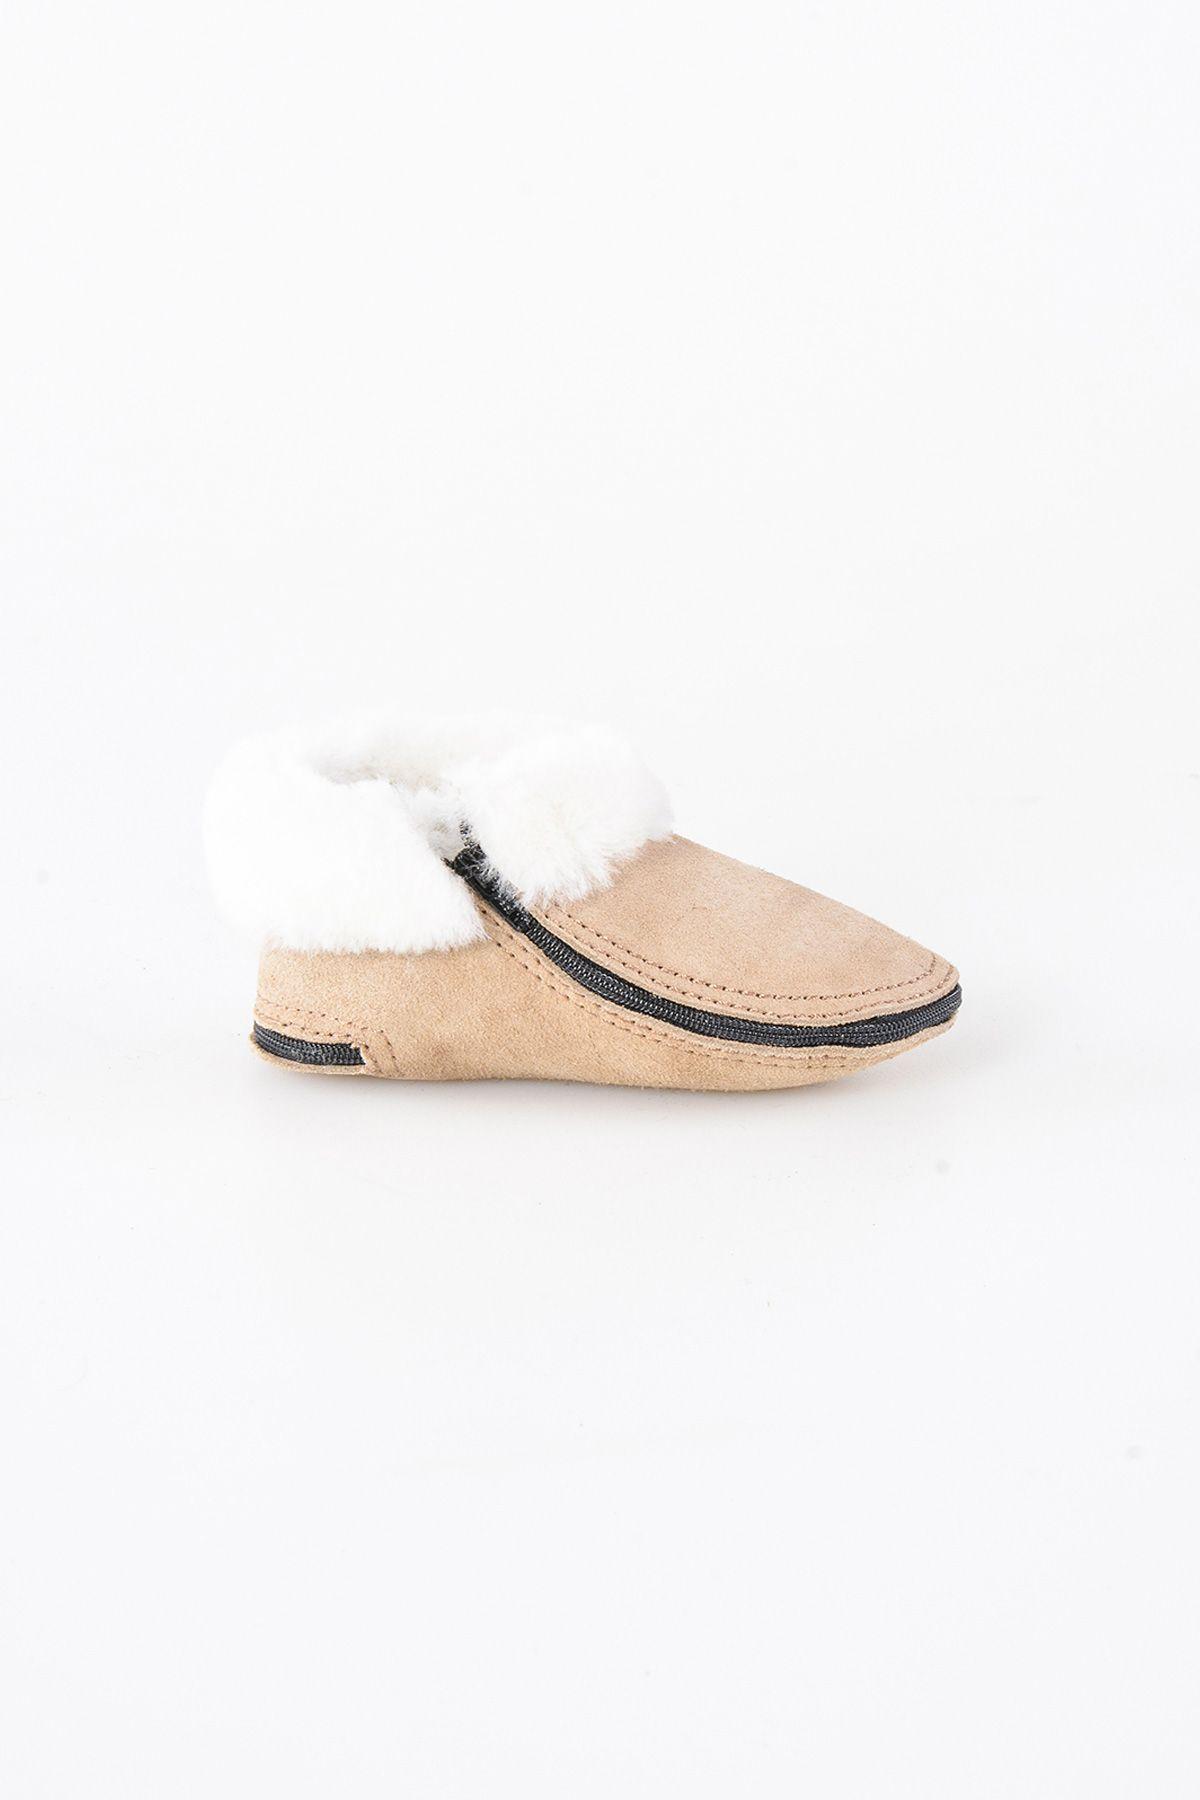 Pegia Hakiki Kürk Fermuarlı Çocuk Ev Ayakkabısı 990308 Bej